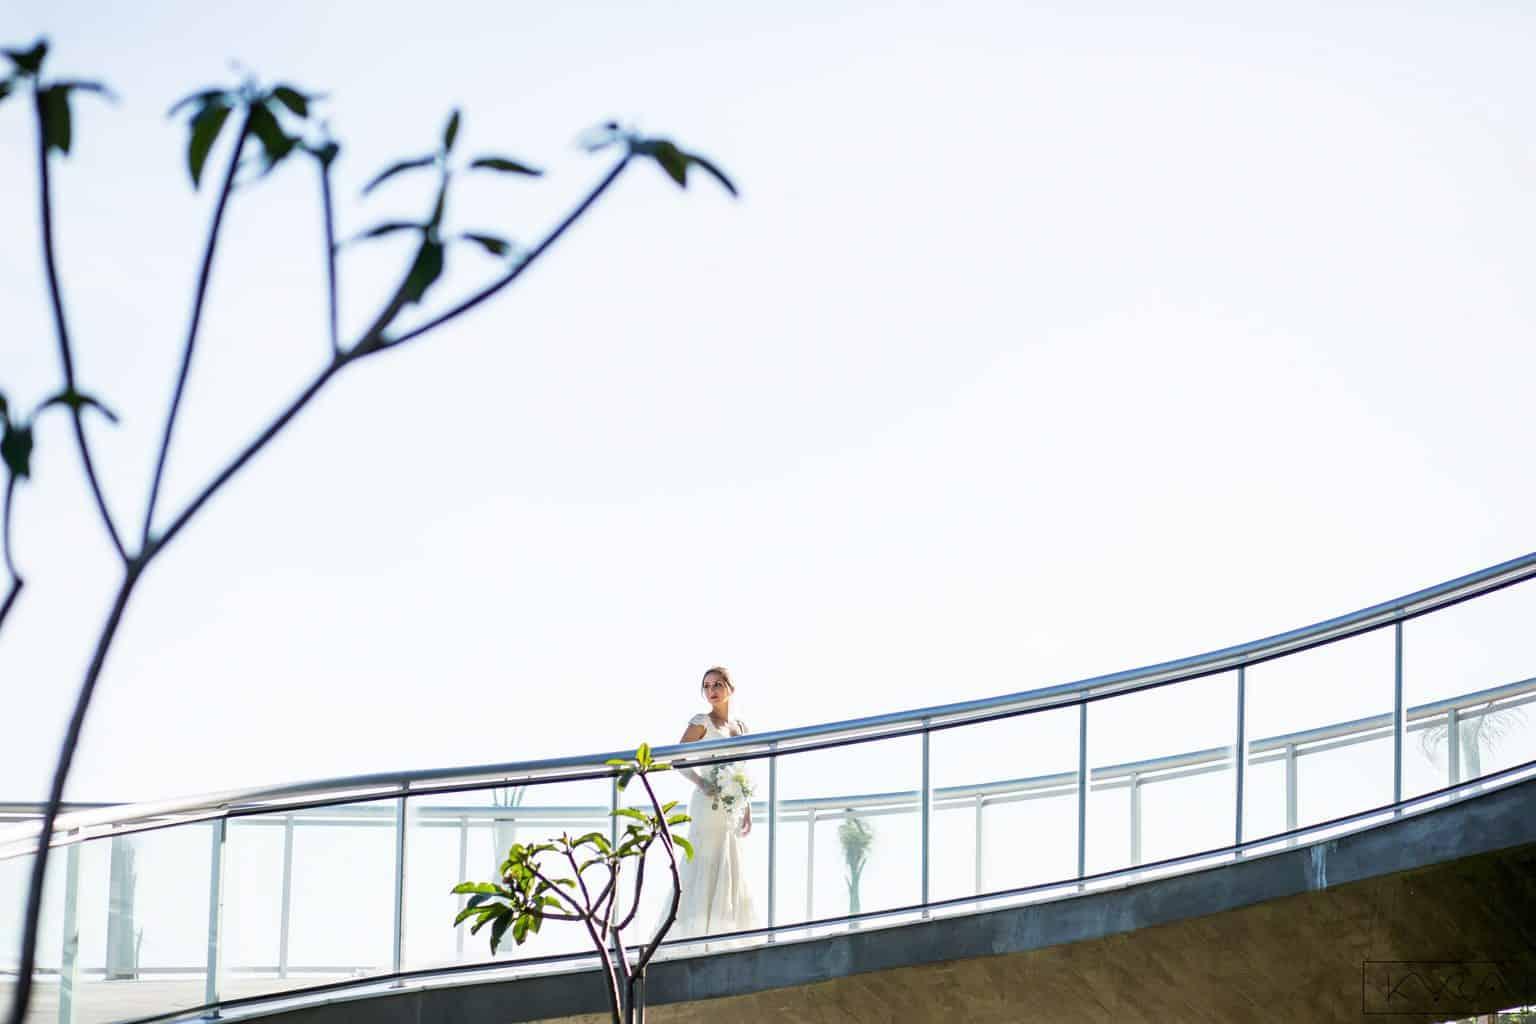 0391-Making-of-Giovanna-e-Pedro-KYRA4569AG2-Digital-Anna-Carolina-Werneck-Casa-das-Canoas-Casamento-Kyra-Mirsky-Noiva-Poses-noiva-Rio-de-Janeiro-1